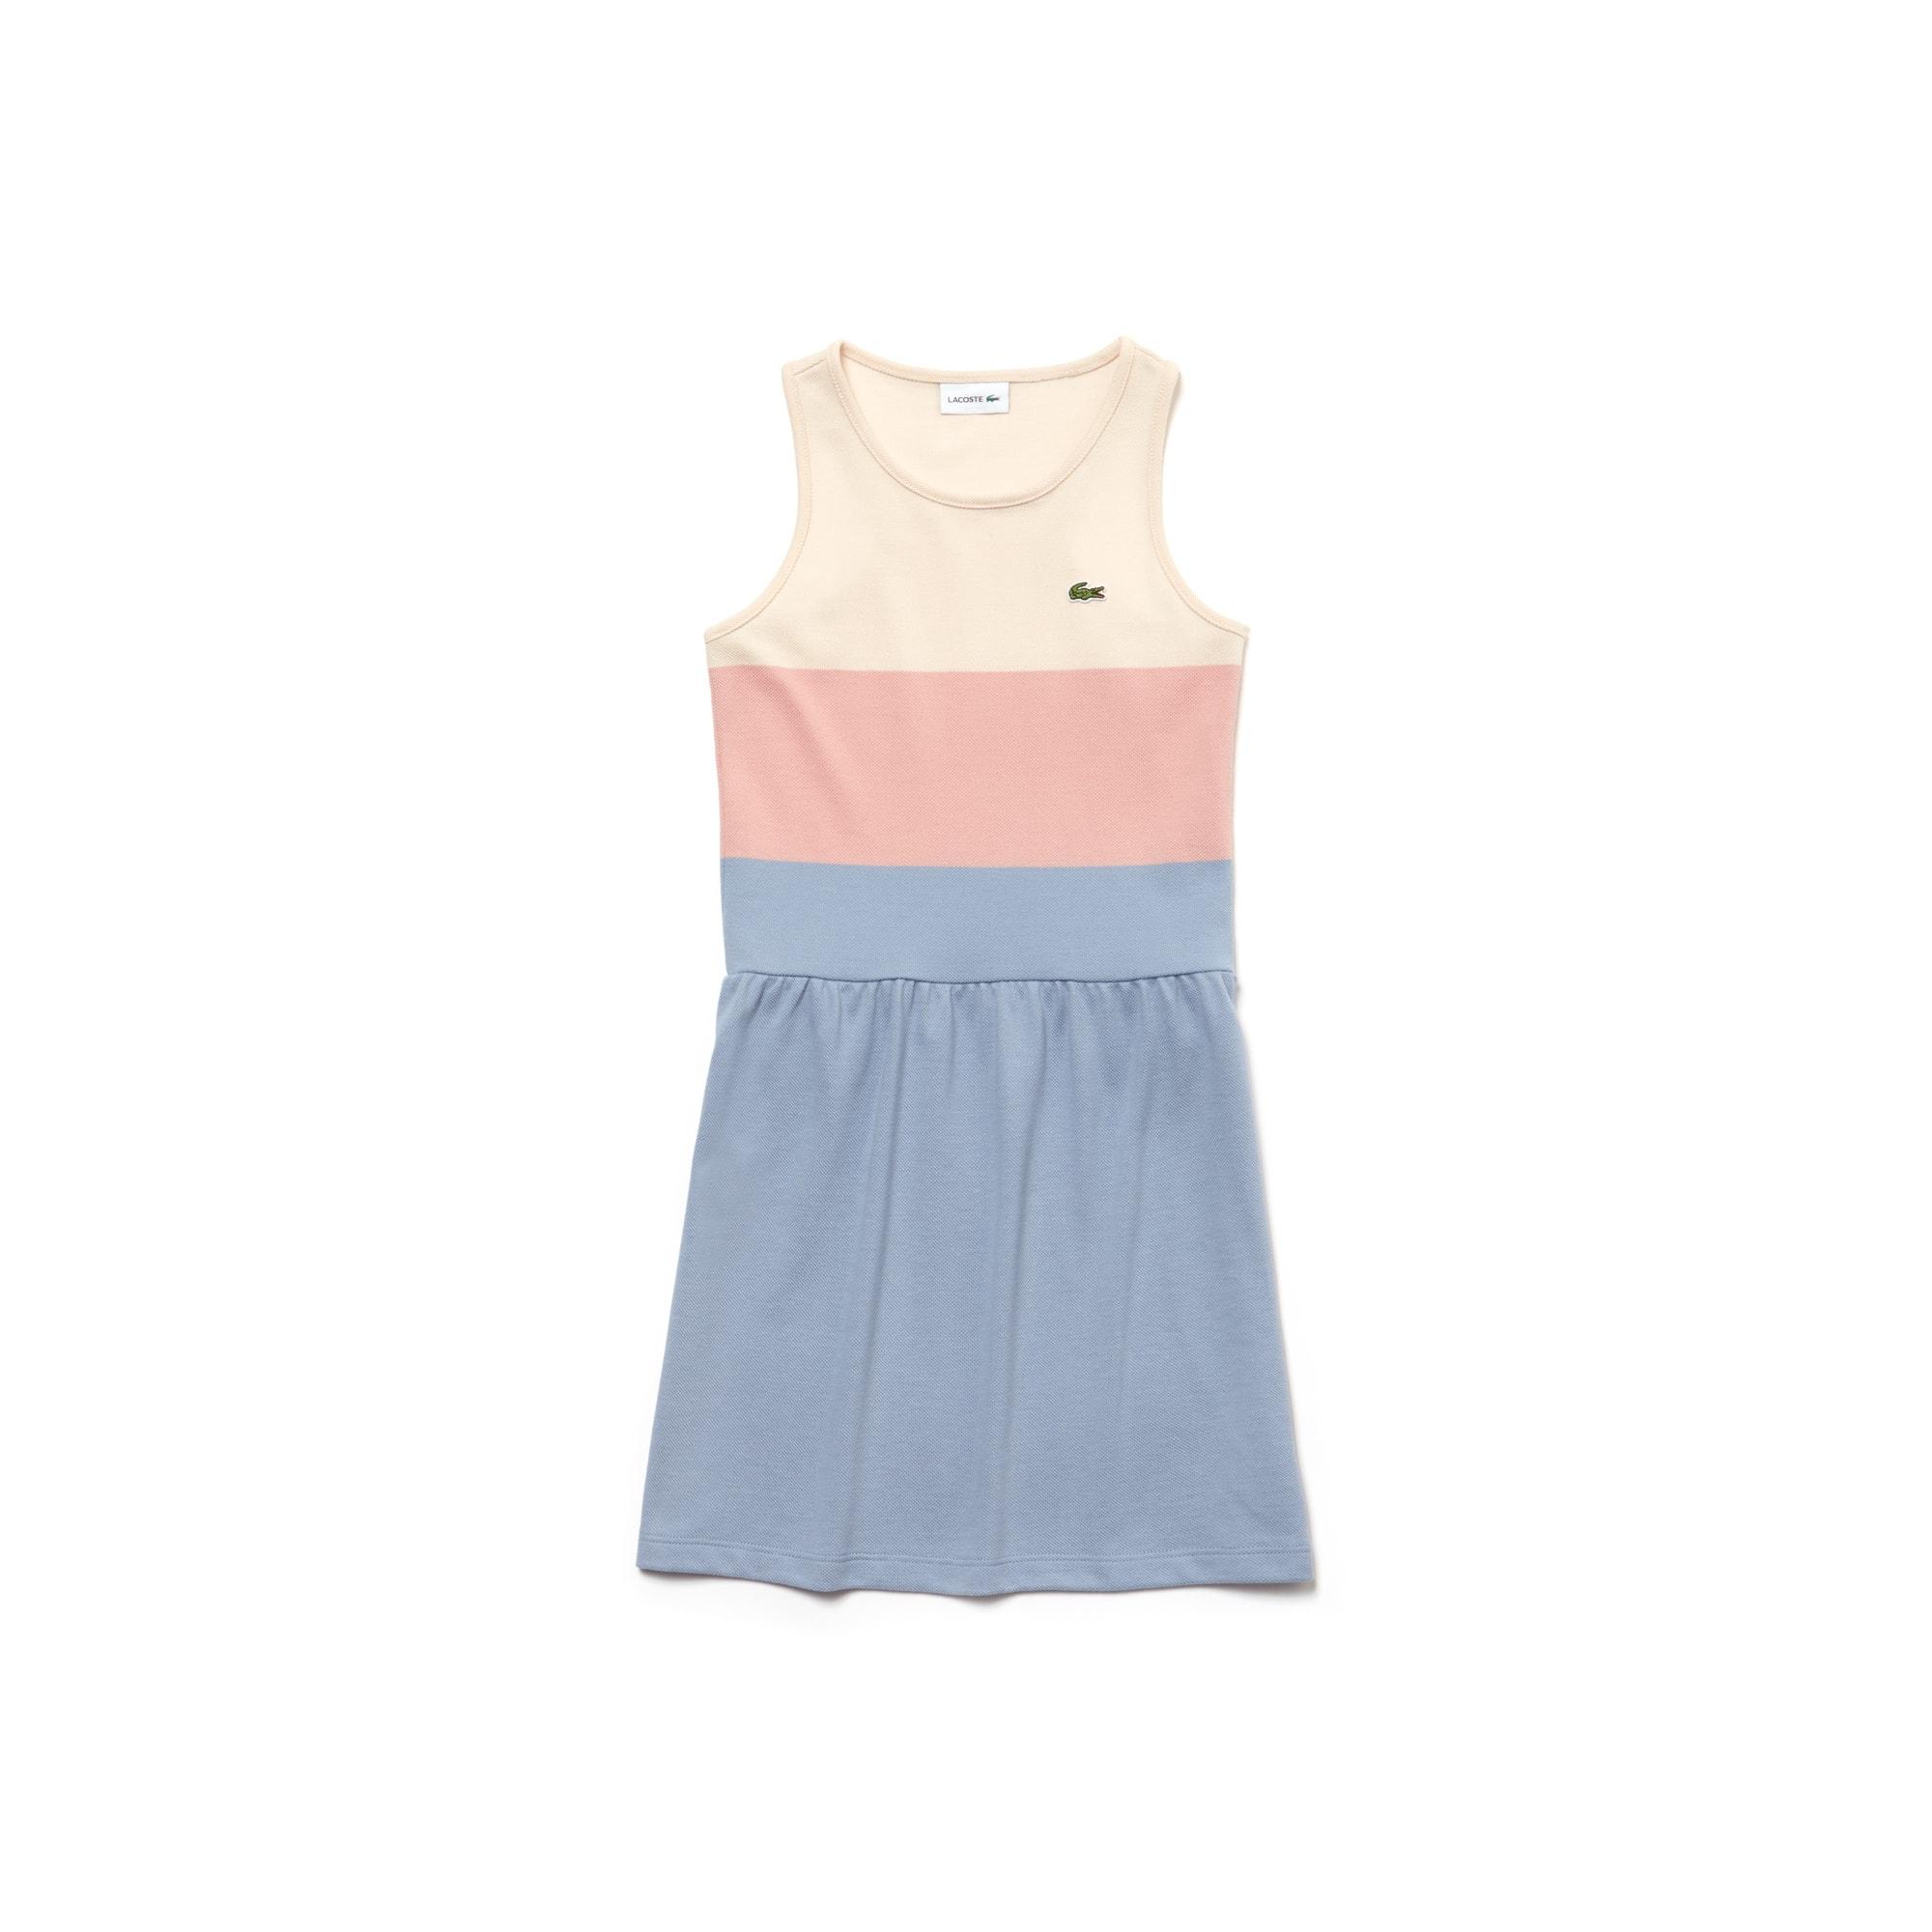 Mädchen Kleid aus Baumwoll-Piqué mit Colorblocks